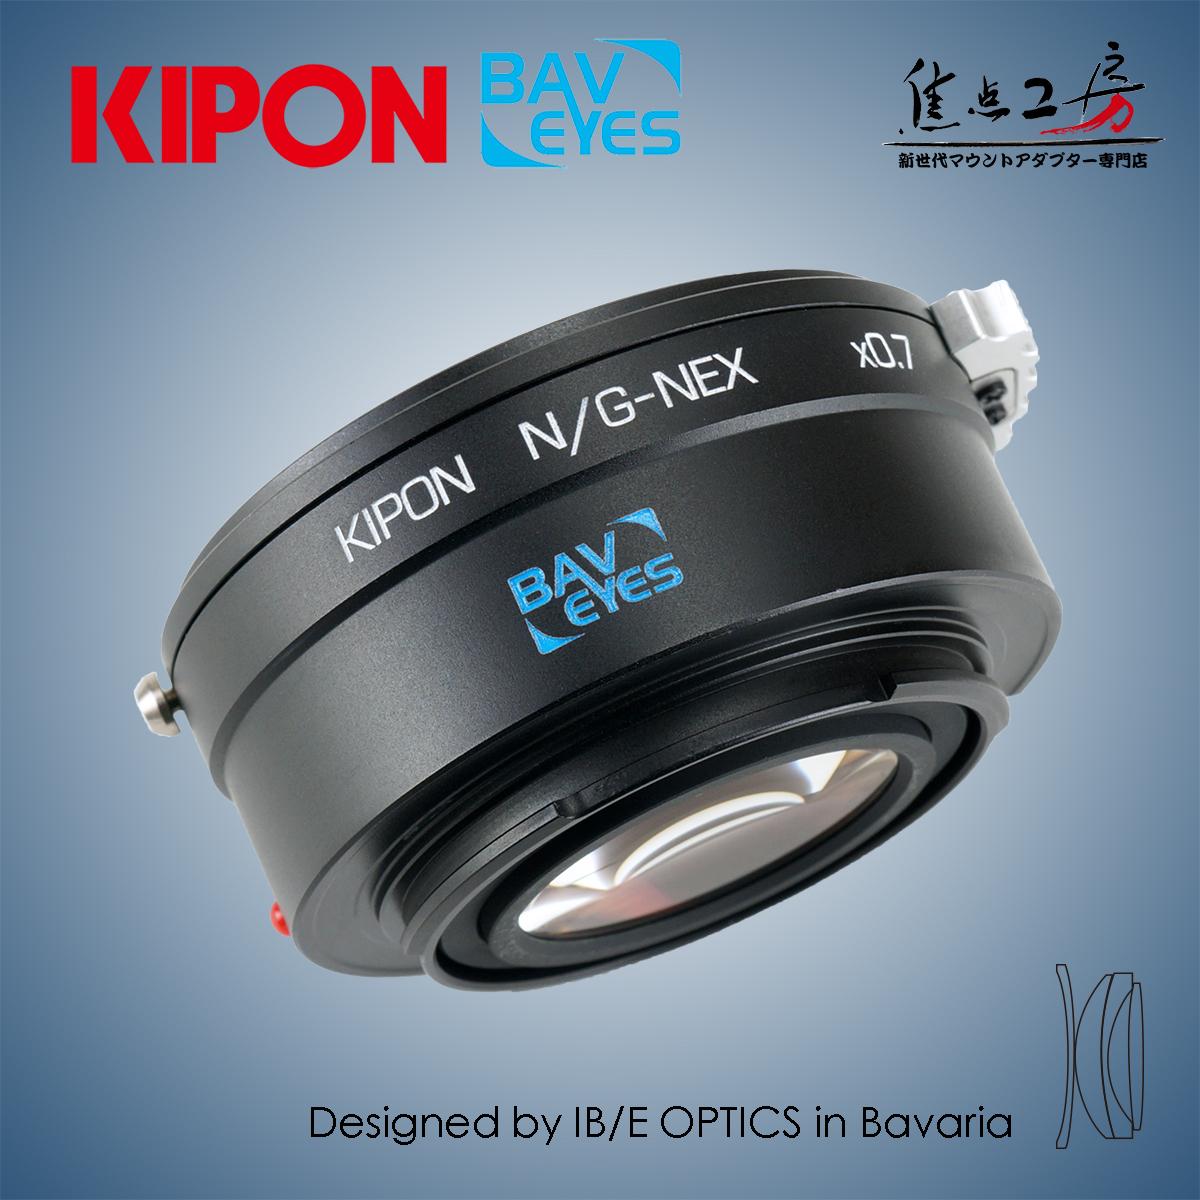 マウントアダプター KIPON BAVEYES N/G-S/E 0.7x (N/G-NEX 0.7x) ニコンFマウント/Gシリーズレンズ - ソニーNEX/α.Eマウントカメラ